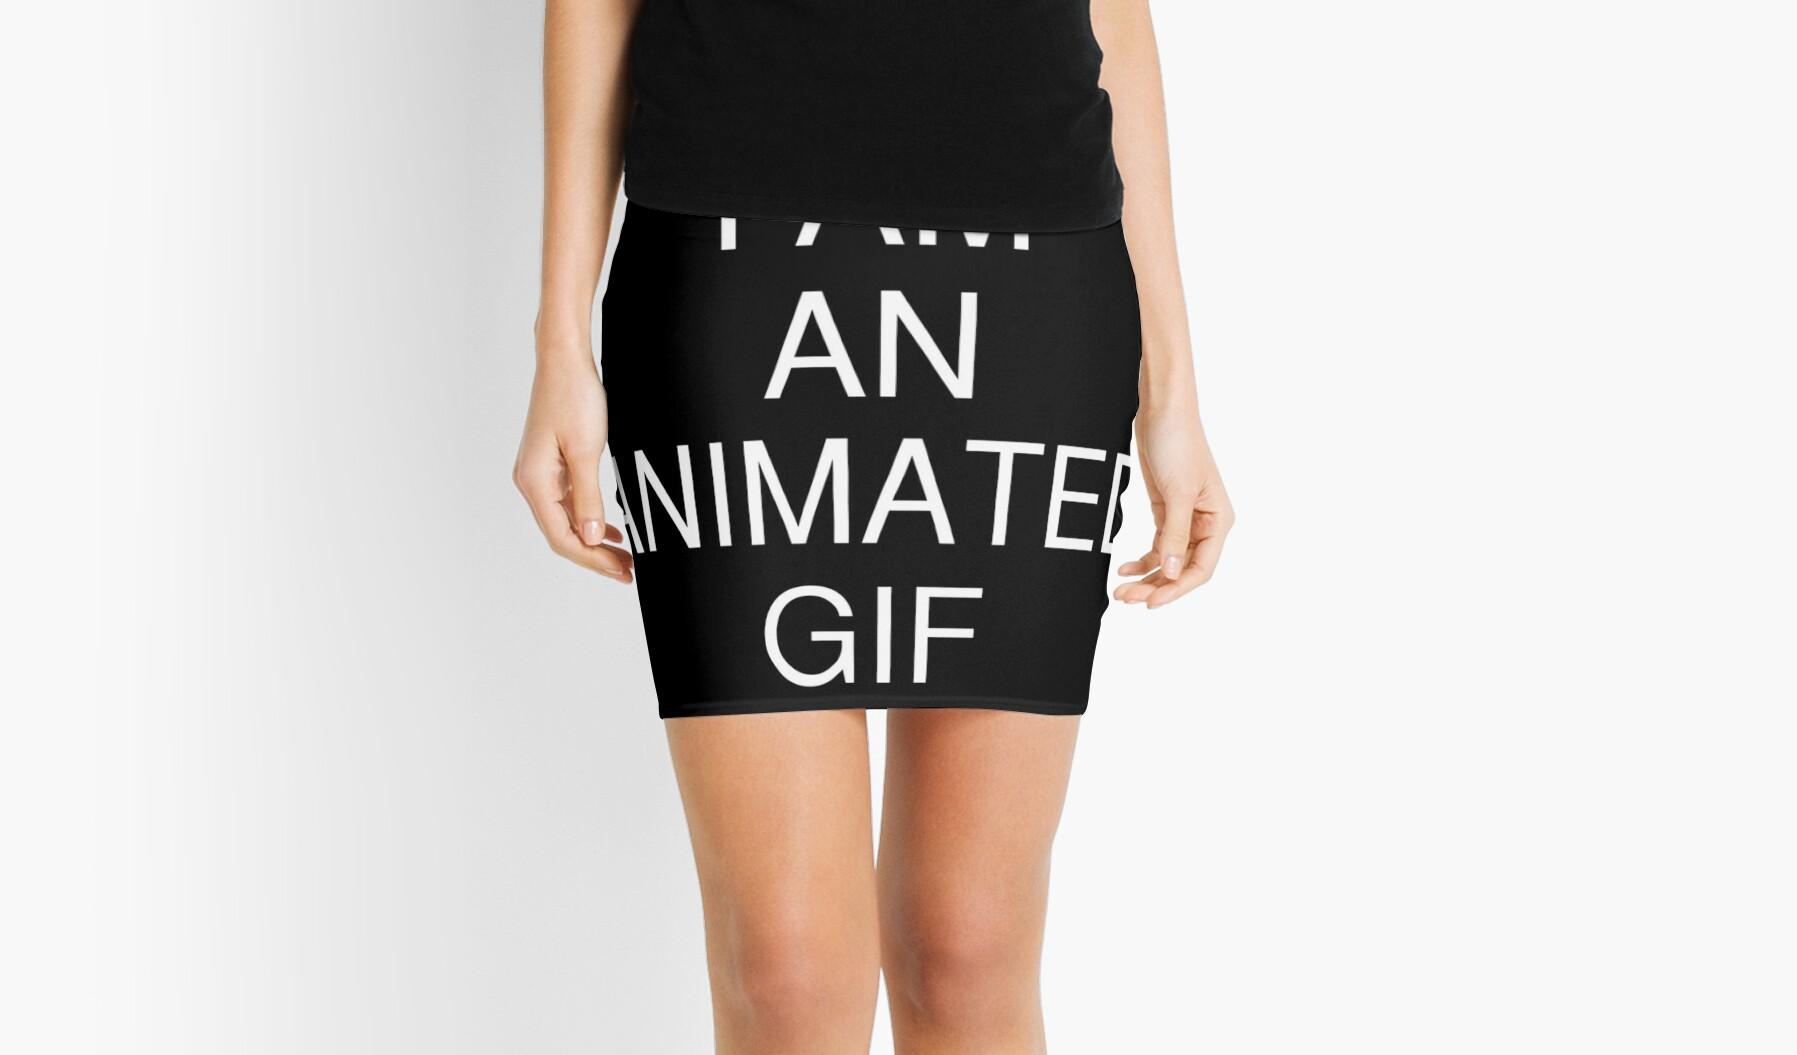 Like Animated mini skirt gif